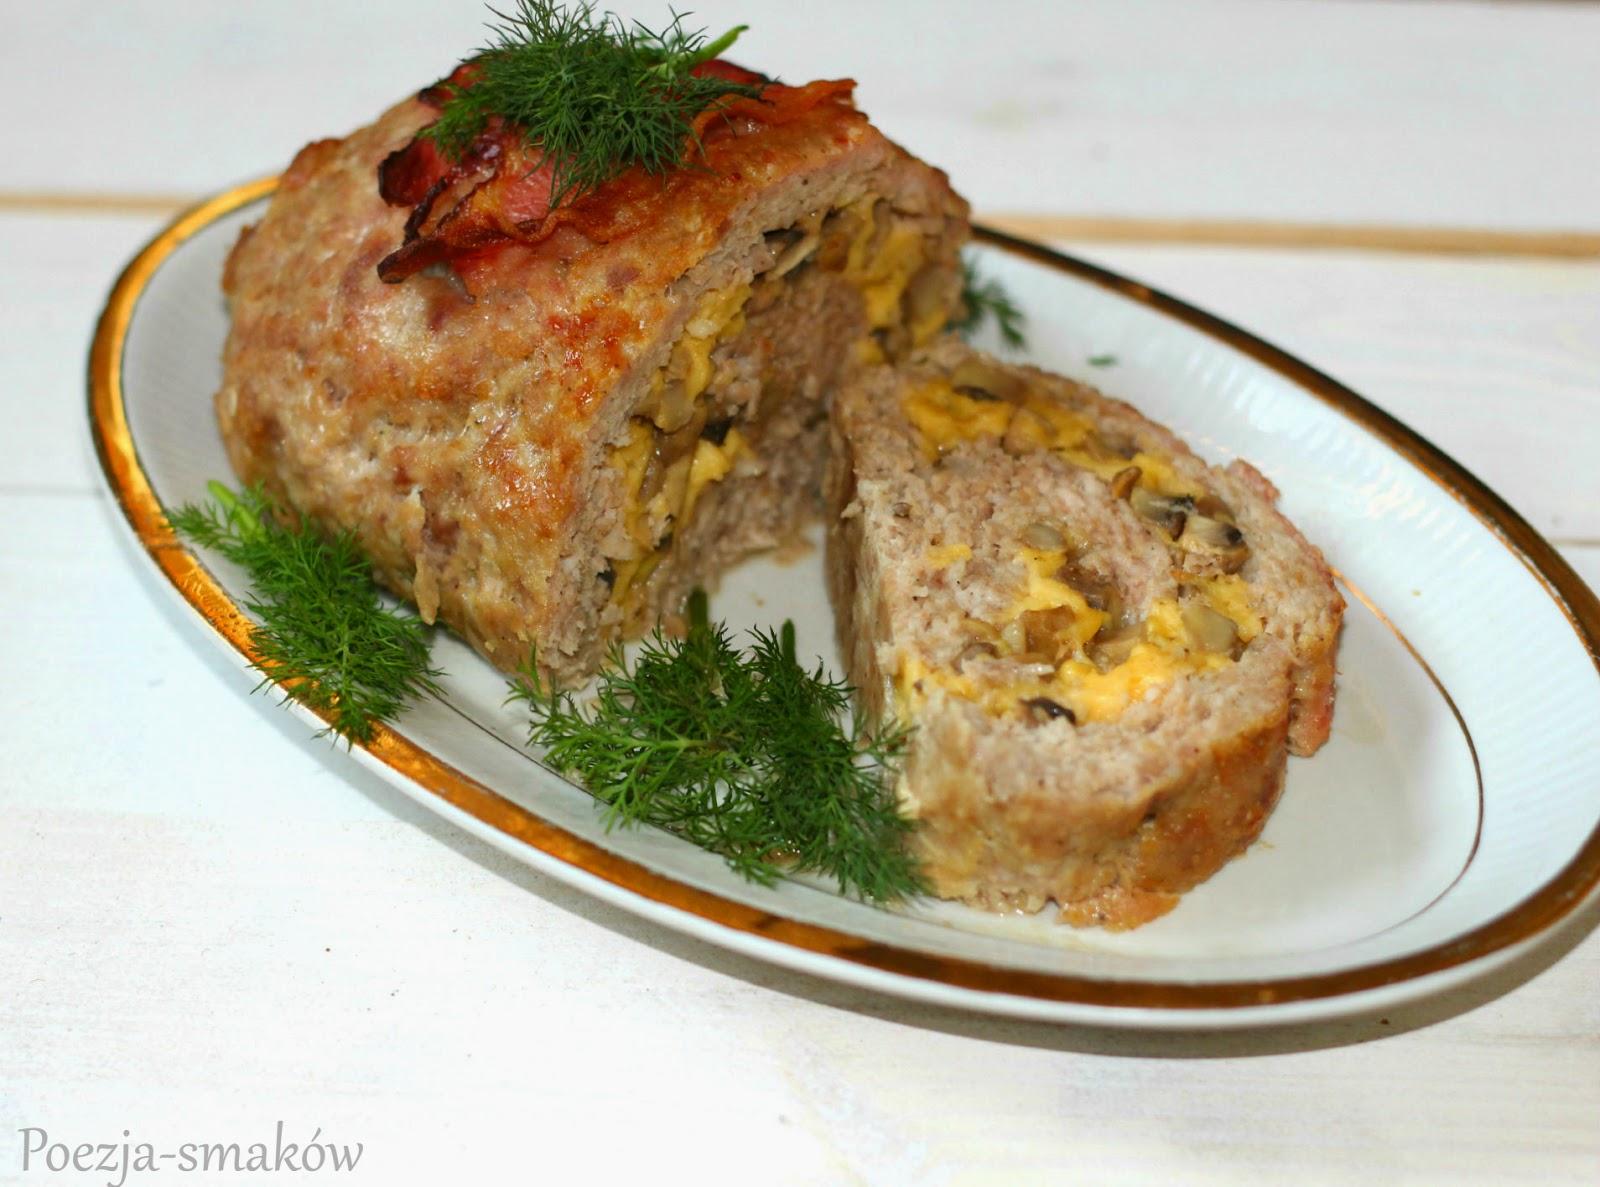 Rolada z mięsa mielonego nadziewana pieczarkami i żółtym serem.